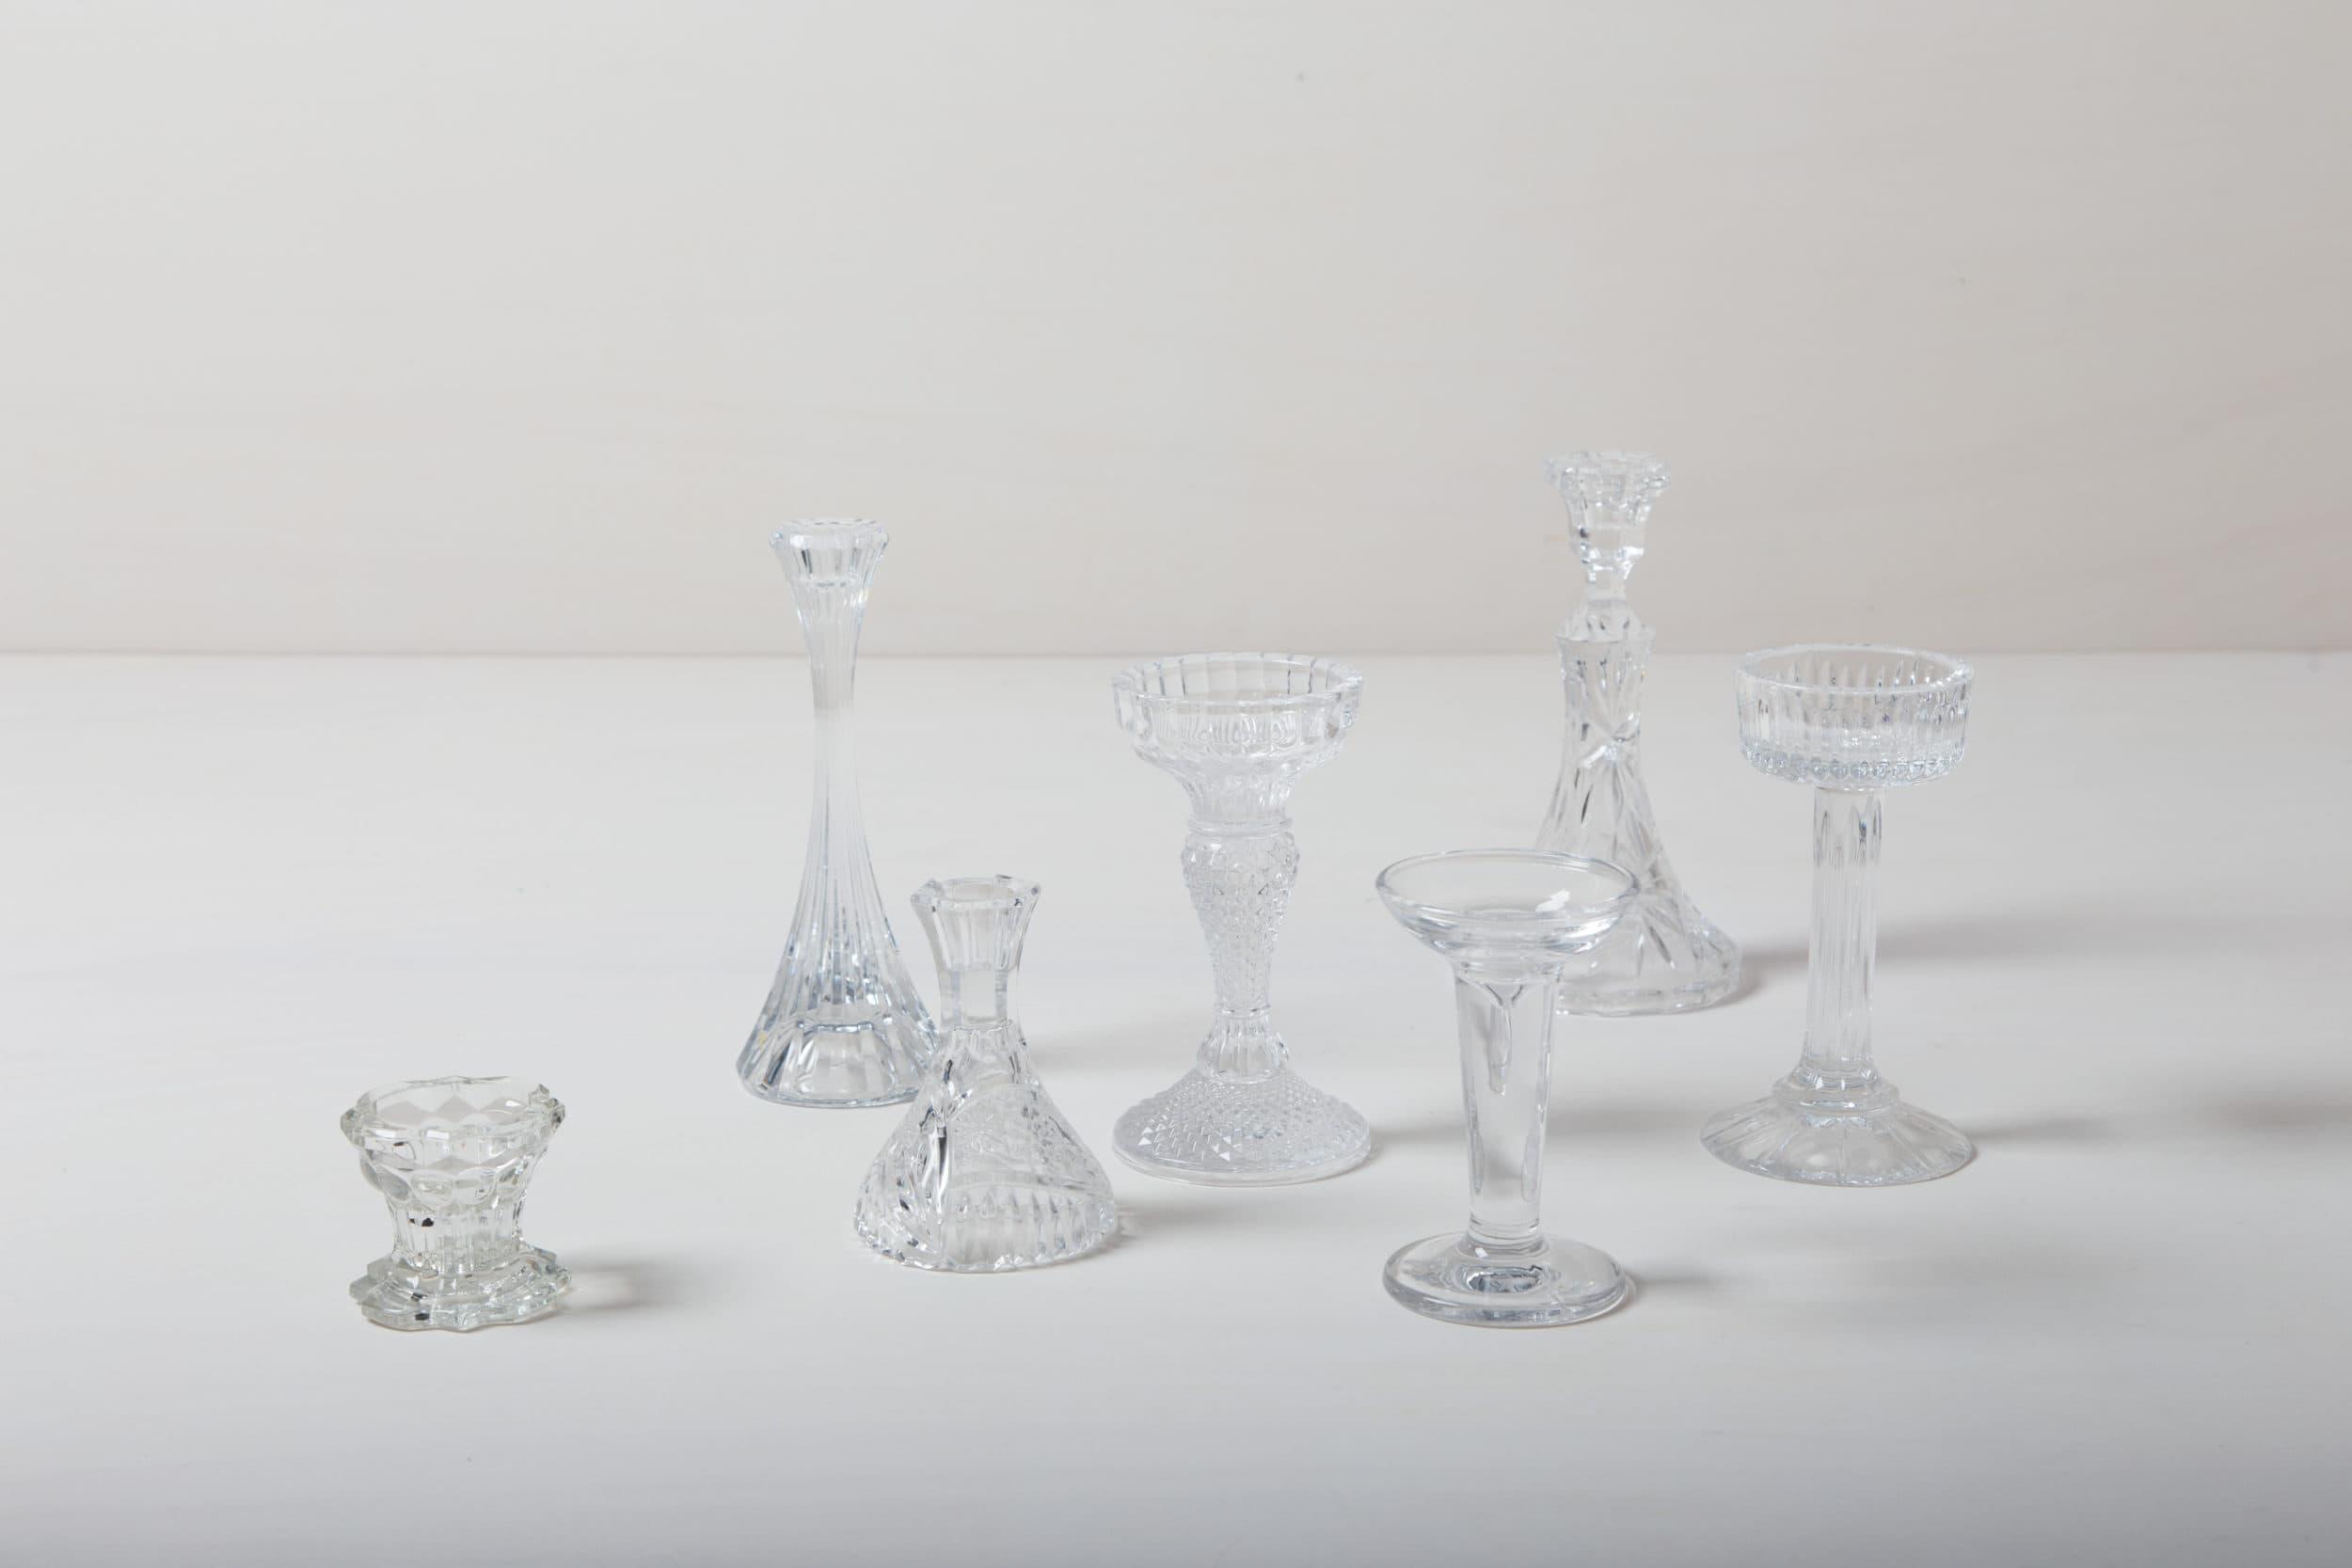 Mismatch Kerzenhalter, Glas, Hochzeitsdekoration, Hochzeitstafel